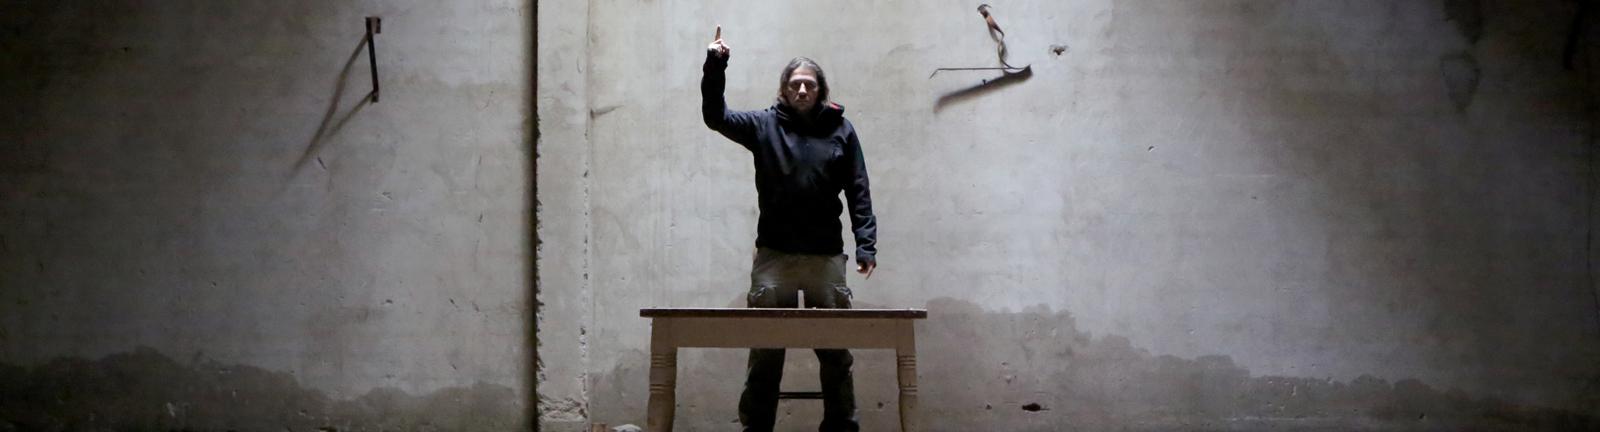 Ein Mann steht vor einem Tisch und hält eine Rede